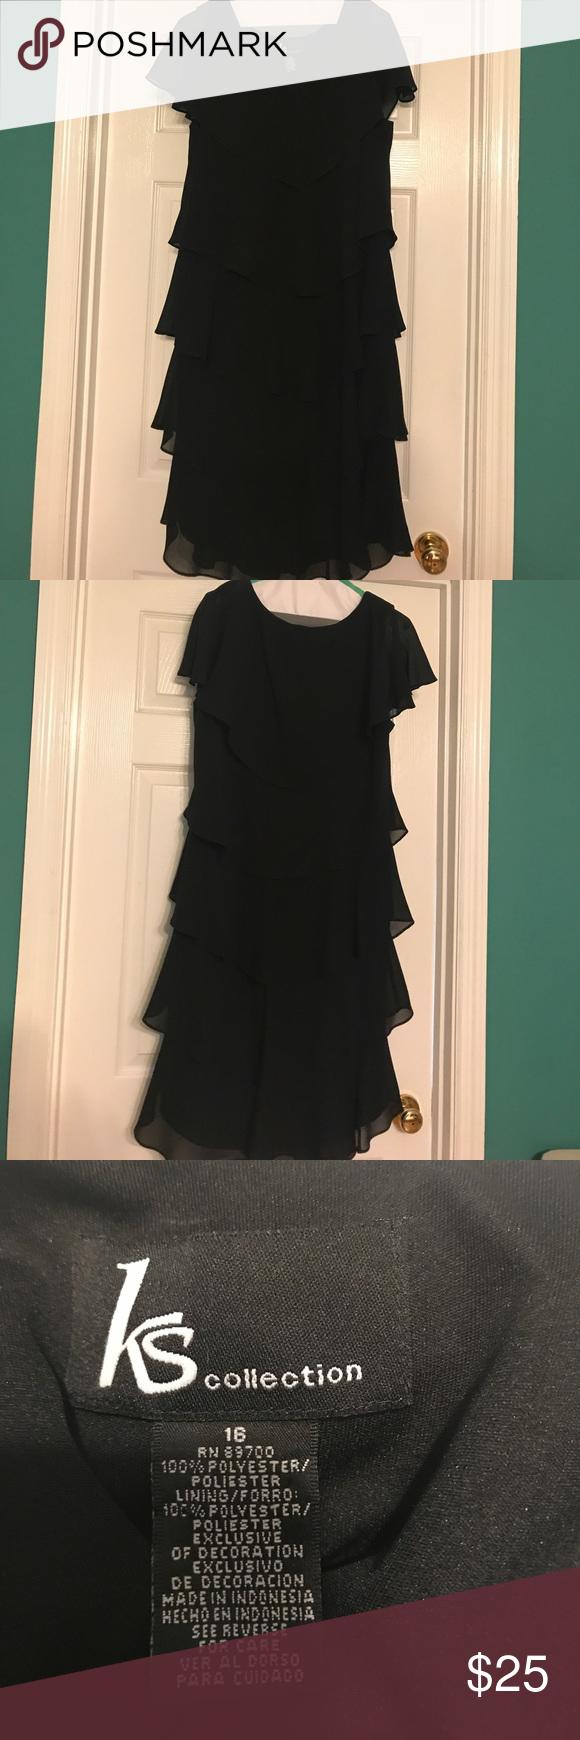 Black Dress Size 16 Dresses Black Dress Black Tiered Dress [ 1740 x 580 Pixel ]